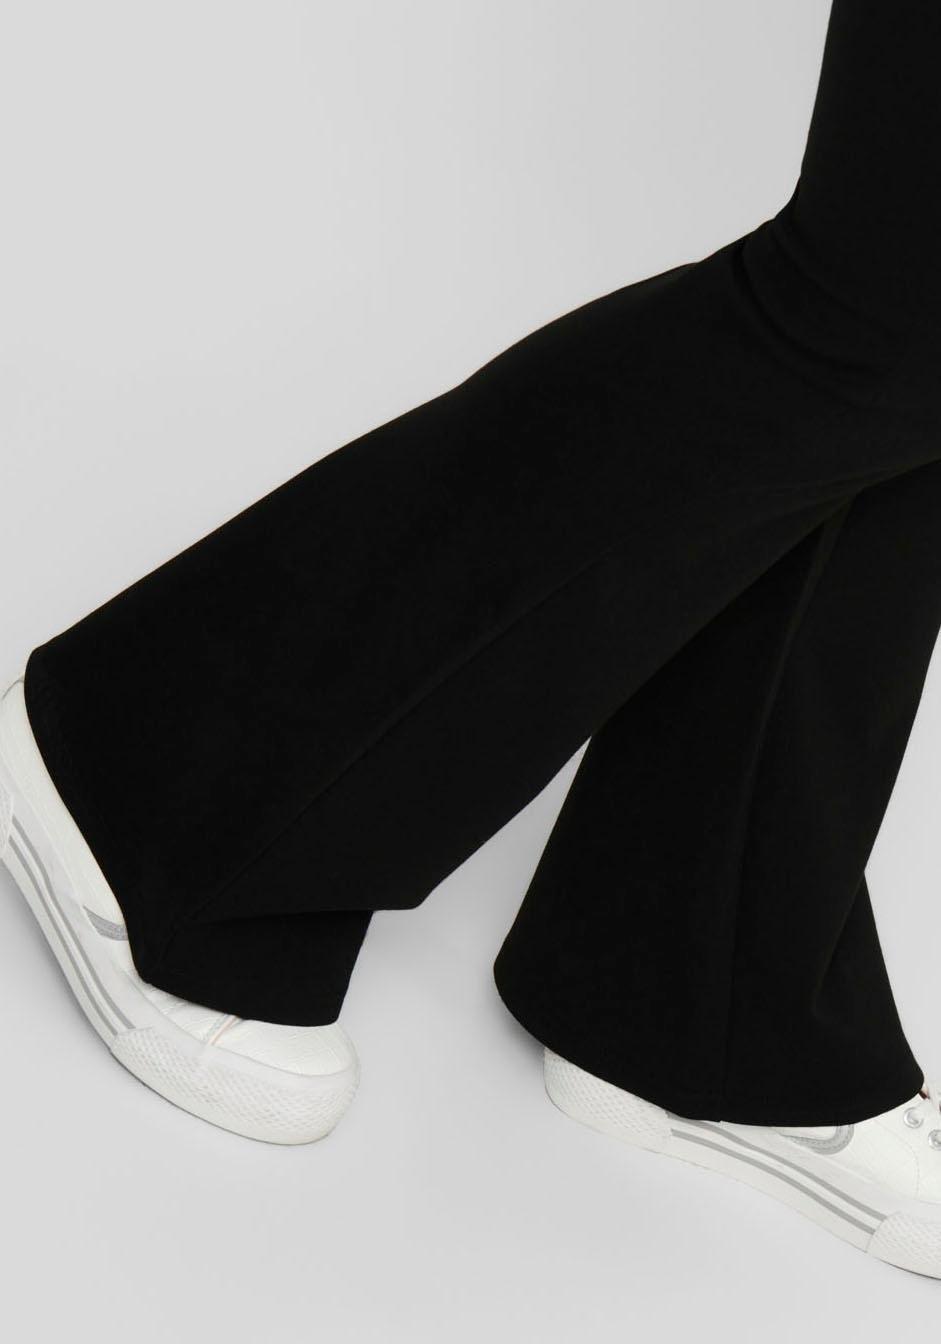 ONLY bootcutbroek »ONLPAIGE« bij OTTO online kopen